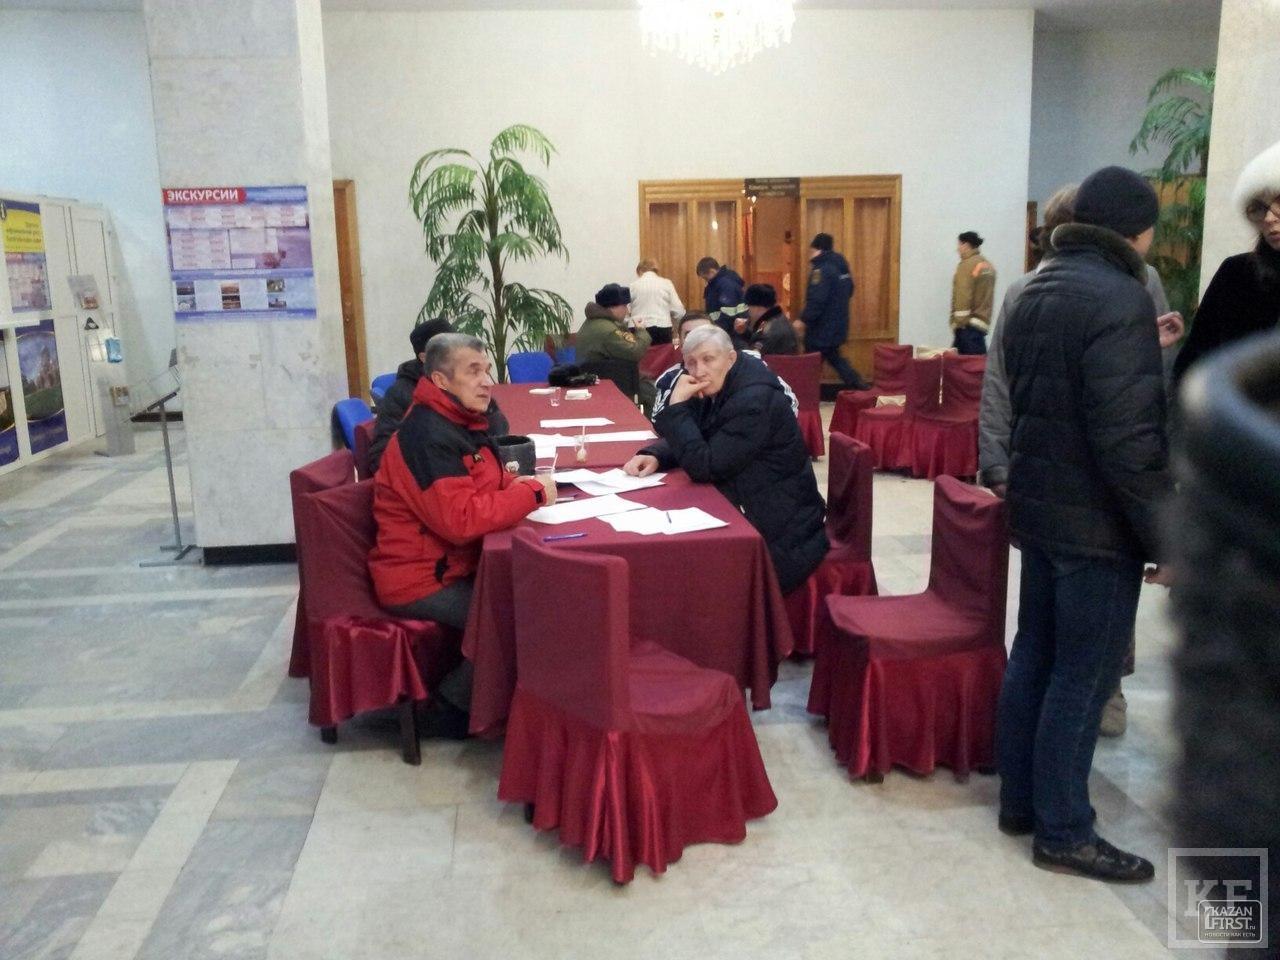 Жителей сгоревшего дома в центре Казани размещают в гостиницу «Татарстан» – МЧС РТ